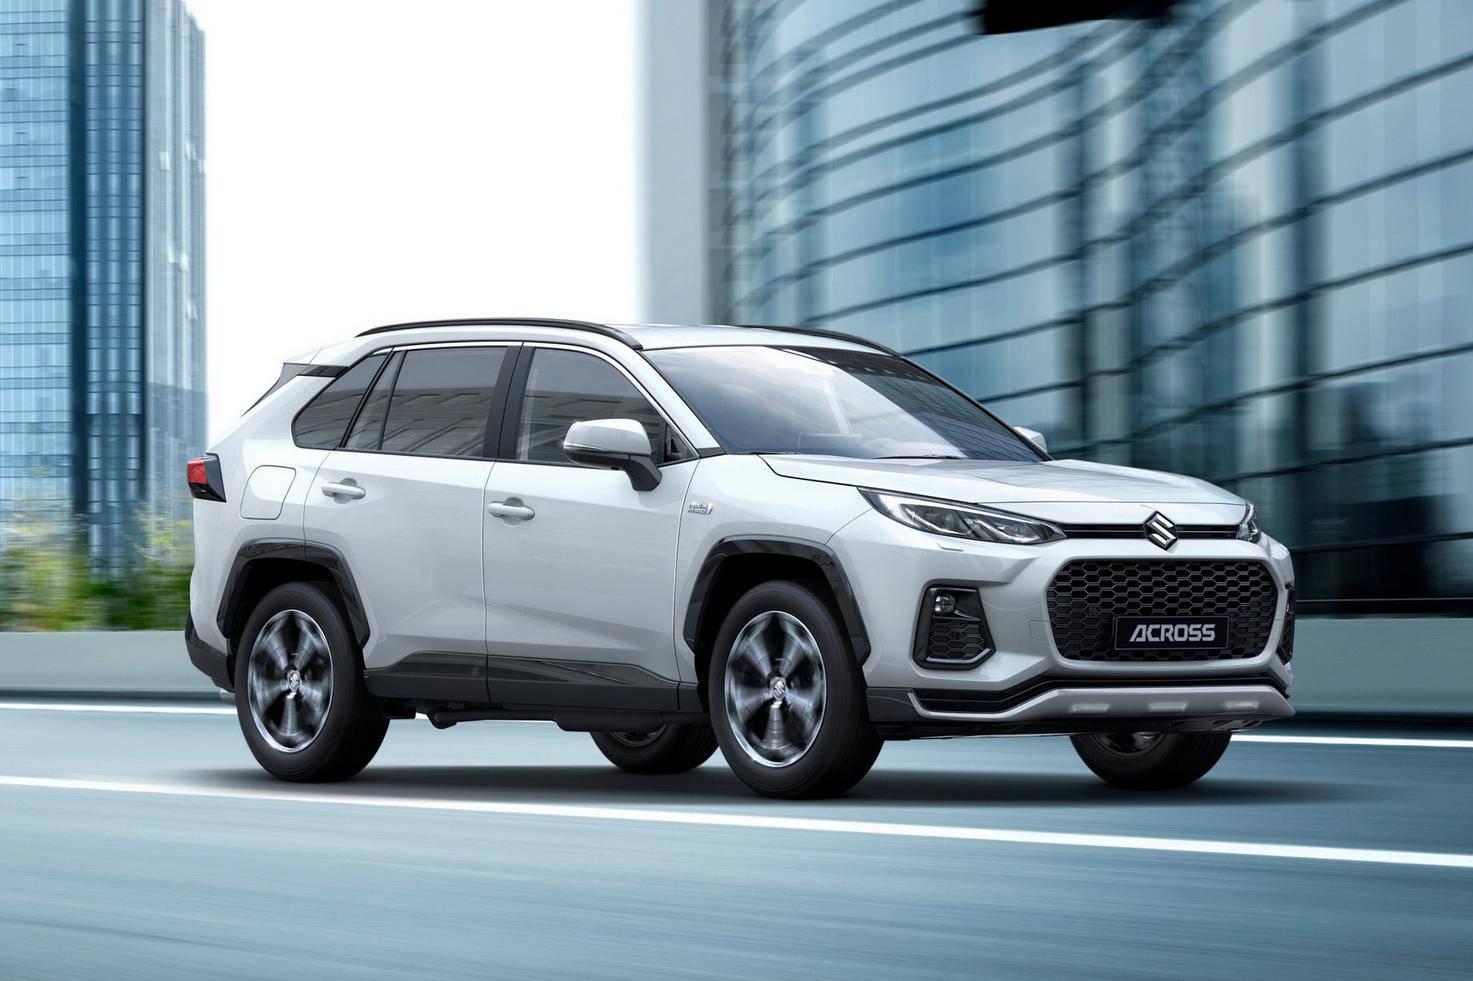 Stiže novi SUV Across, potpuno je drugačiji od ostalih Suzukija